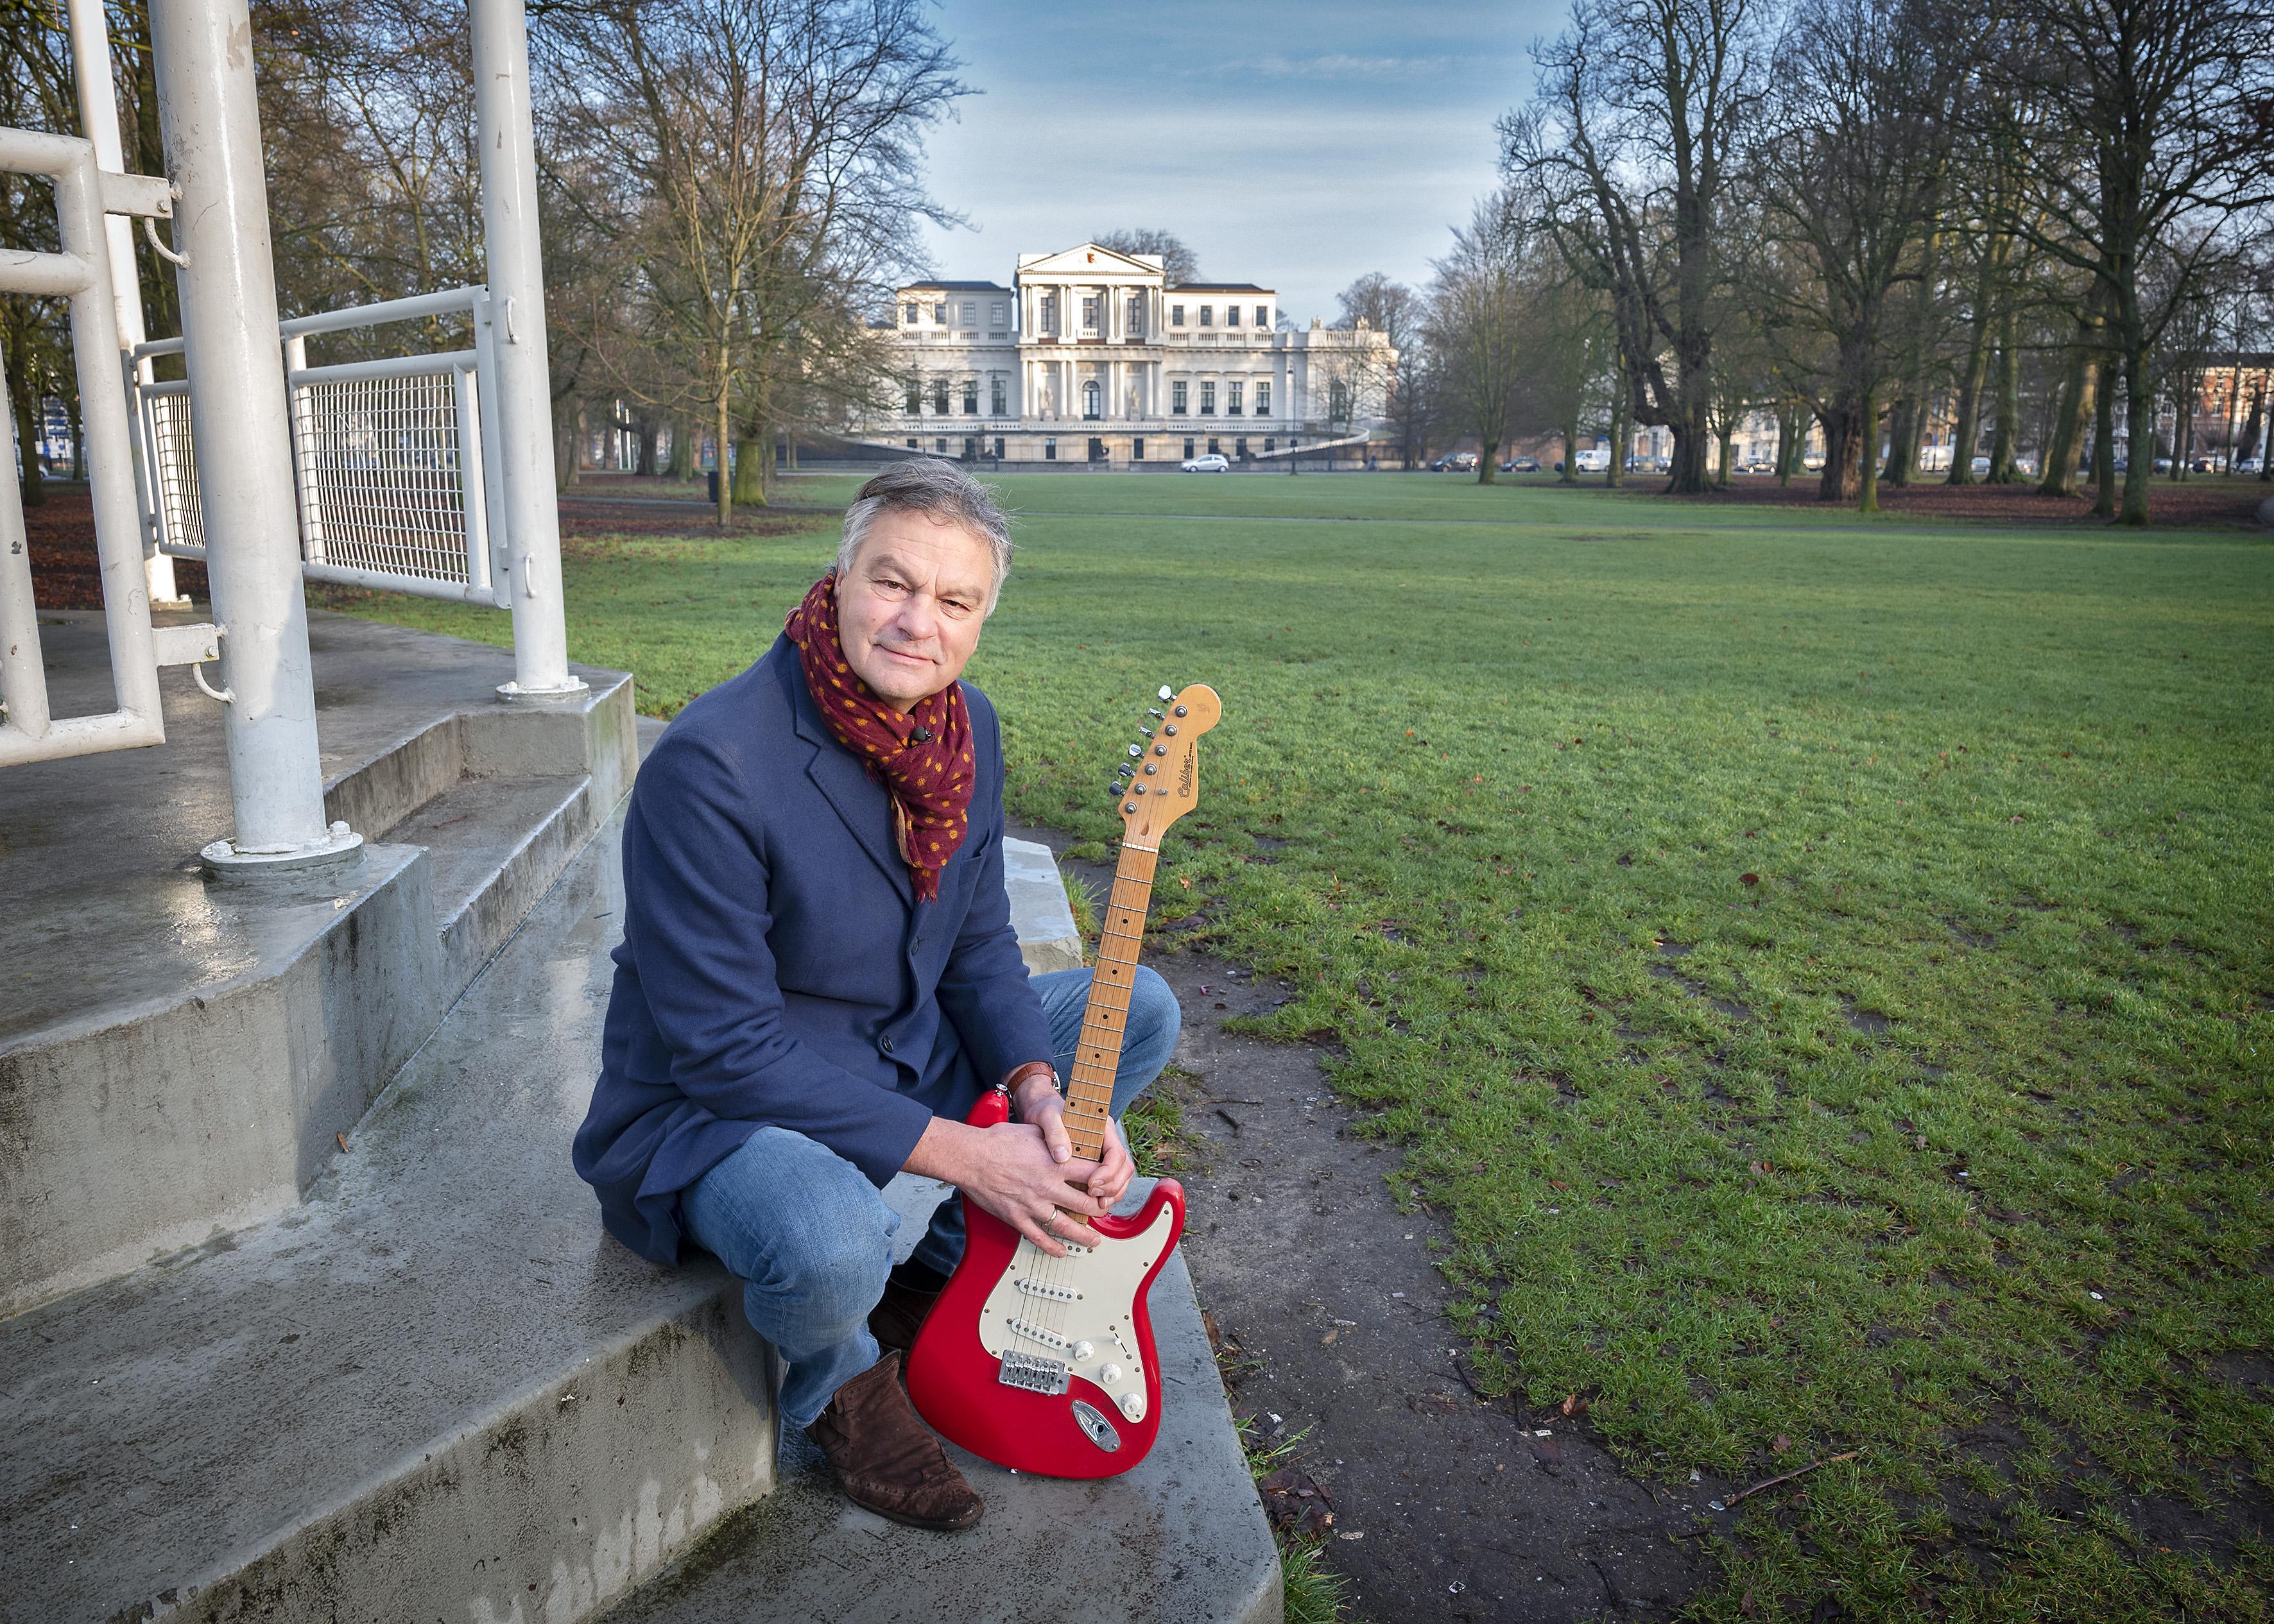 Half miljoen noodhulp voor twaalf culturele organisaties in Haarlem; directeur Bernt Schneiders van VSB Fonds: 'Met dit geld kunnen zij doorwerken'